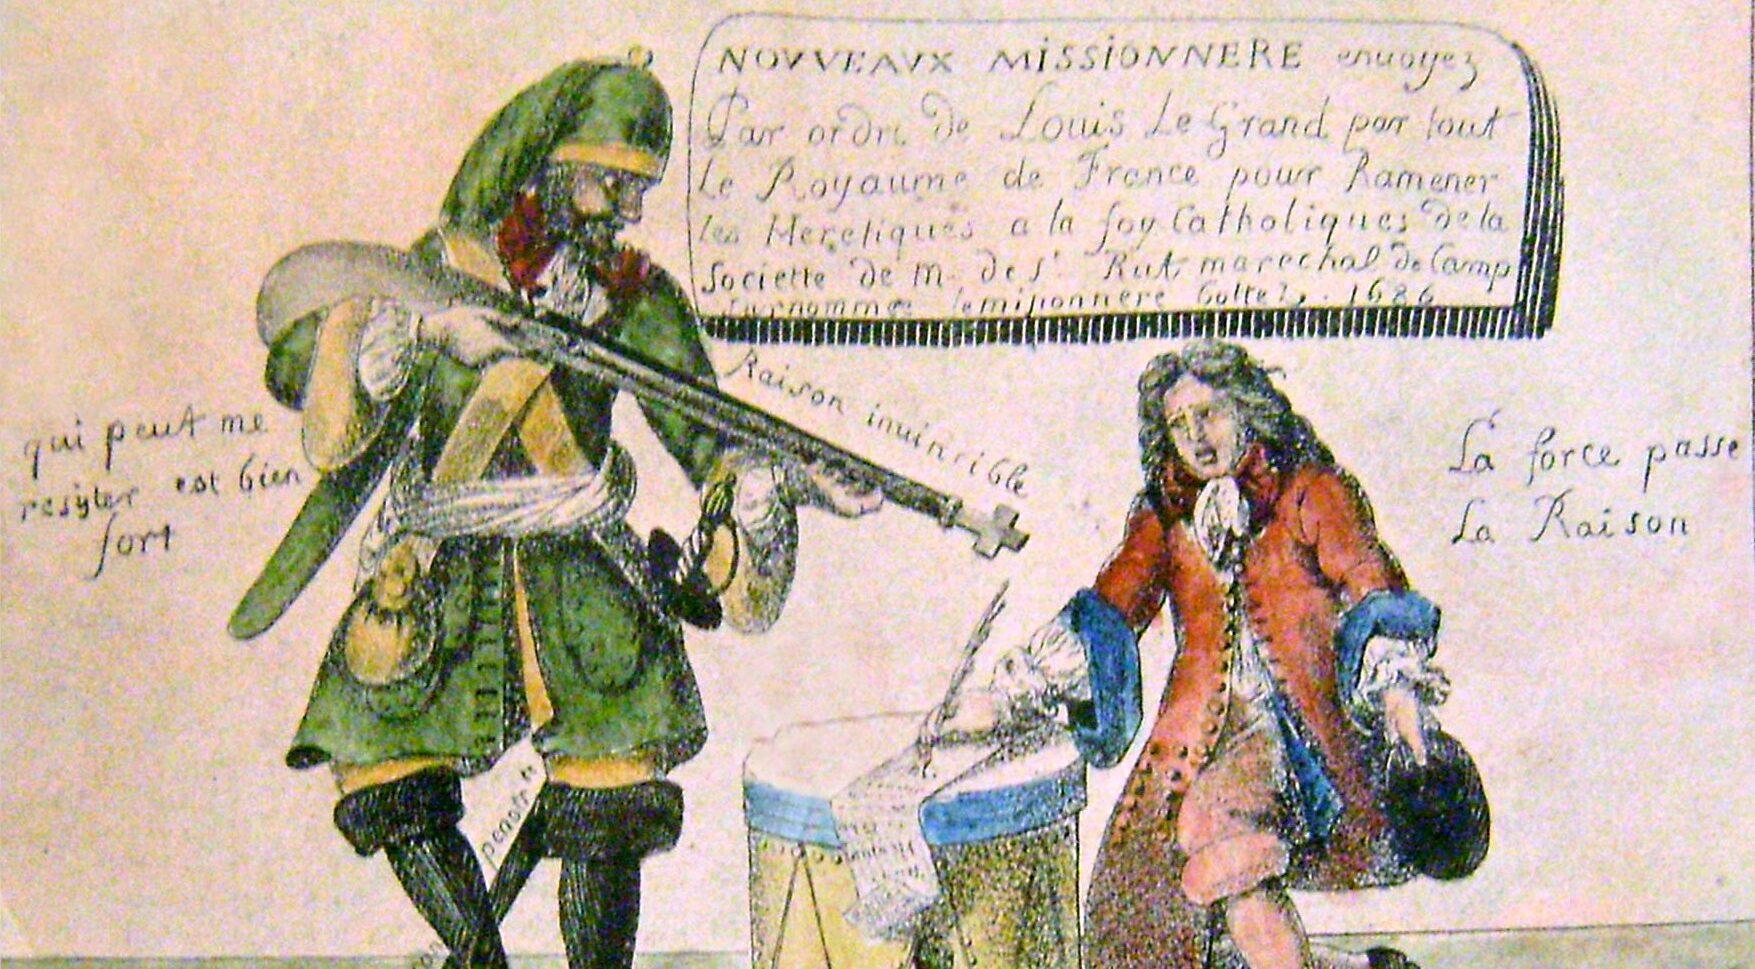 Gravur, auf der die drakonischen Strafmassnahmen unter Louis XIV., genannt Dragonnades, als Personen dargestellt werden.